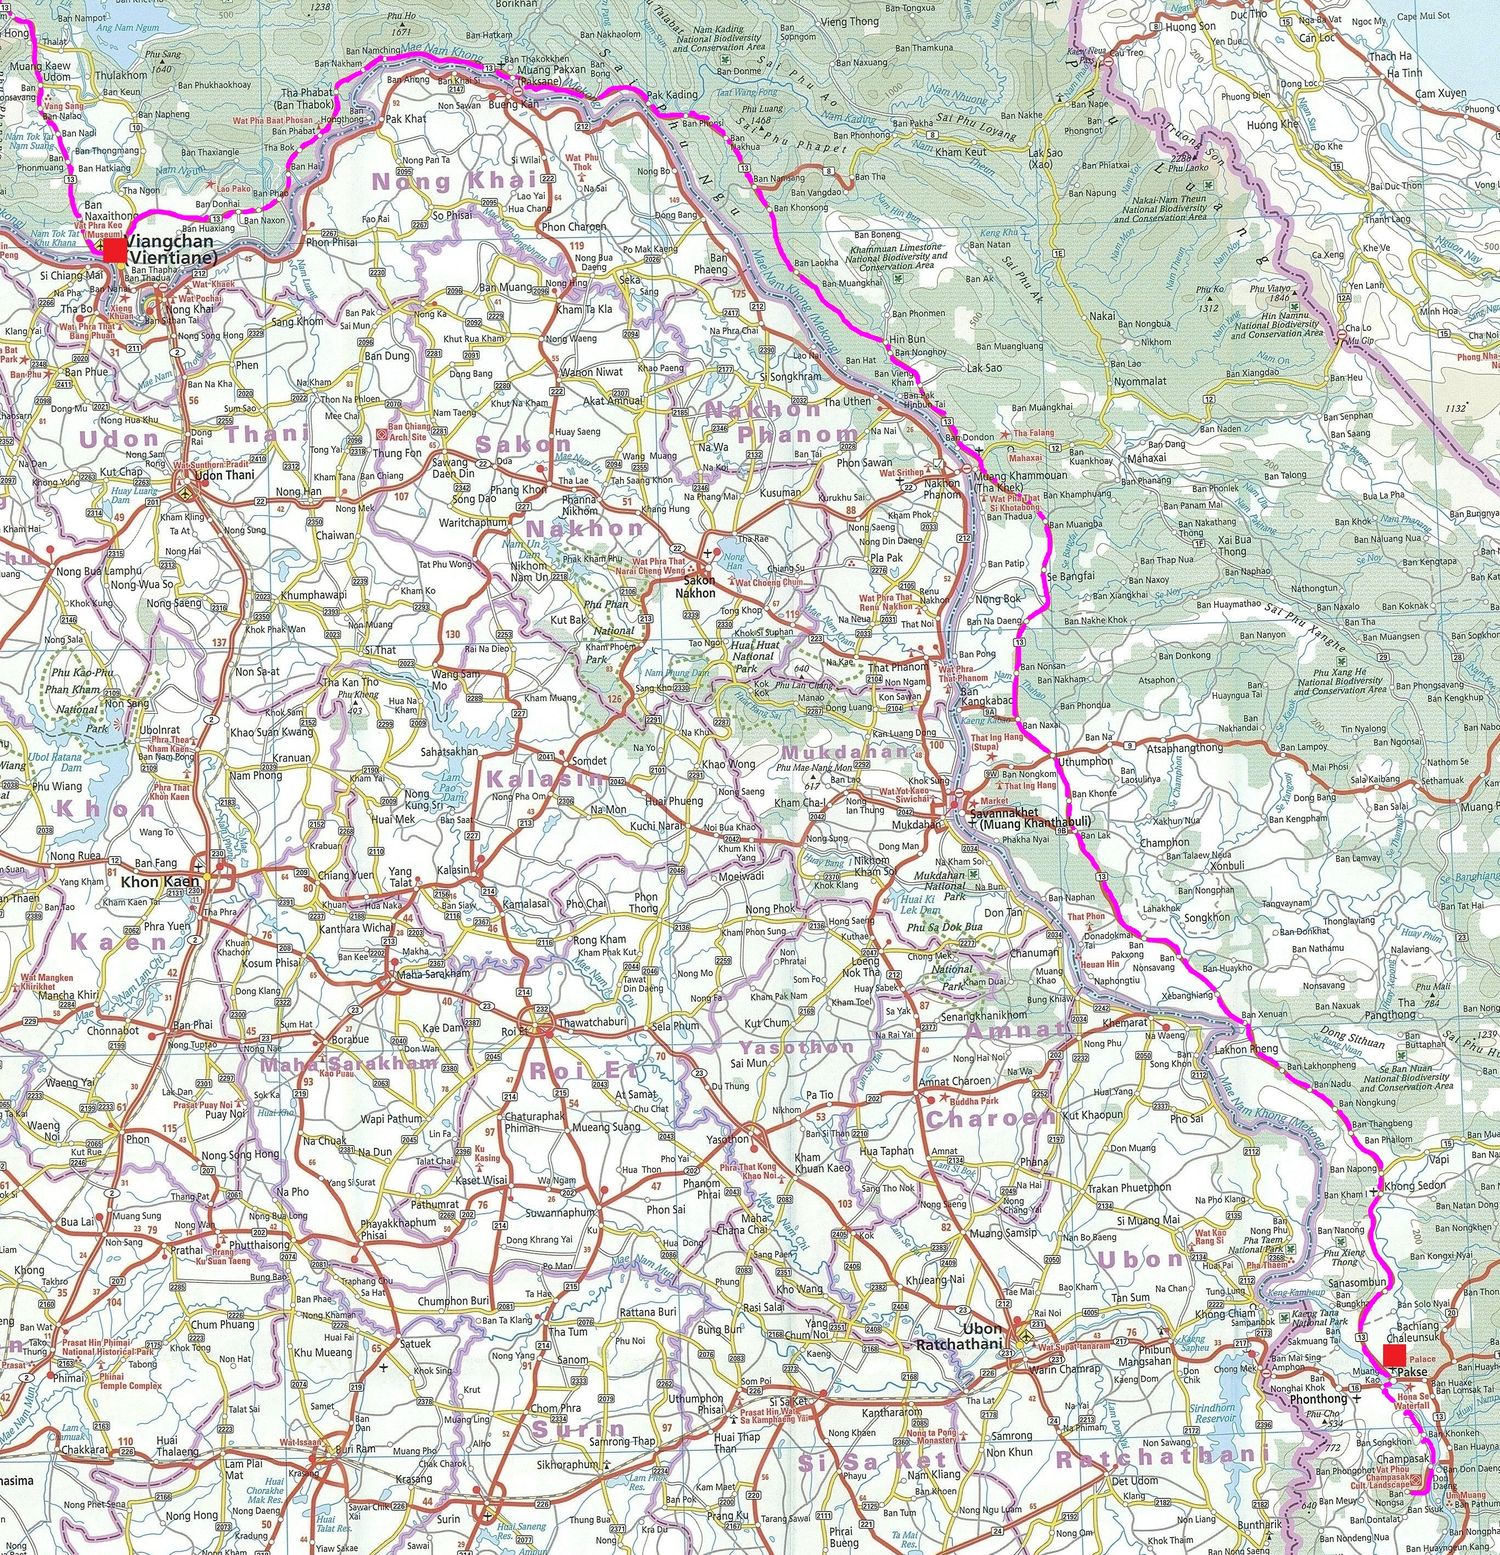 18-11-24-25-map